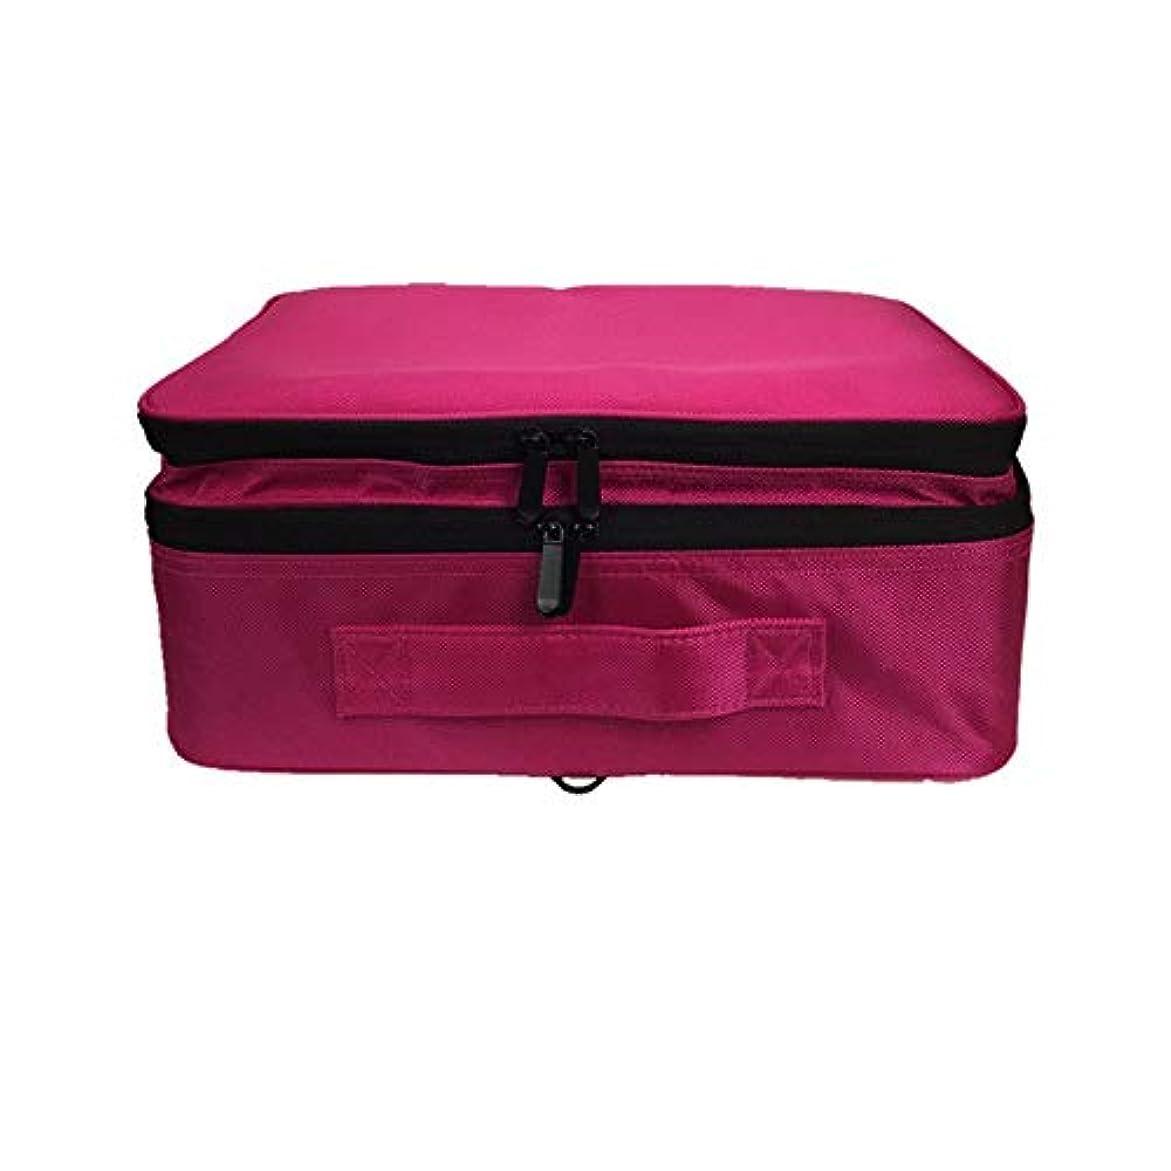 バズコショウ浸す化粧オーガナイザーバッグ 調整可能な仕切り付き防水メイクアップバッグ旅行化粧ケースブラシホルダー 化粧品ケース (色 : 赤)